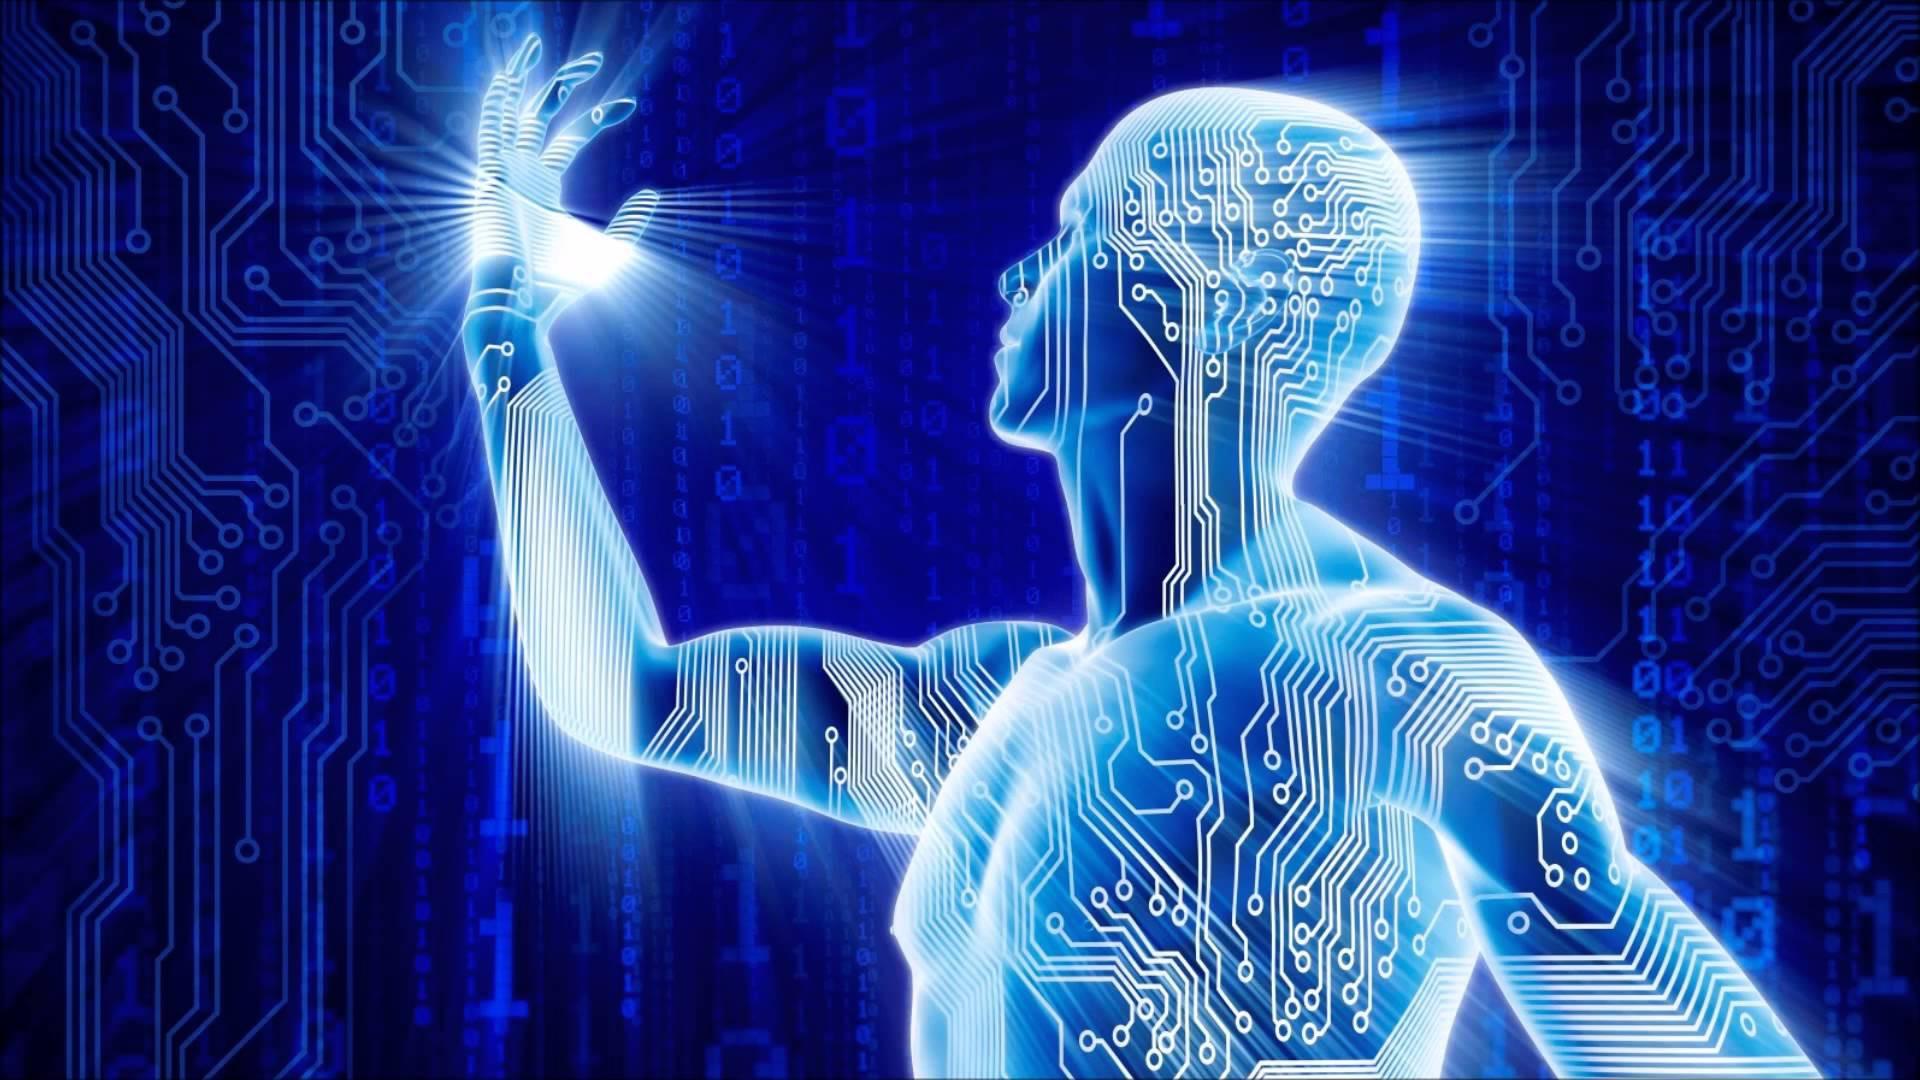 هوش-مصنوعی-روزی-ما-را-خواهد-بلعید